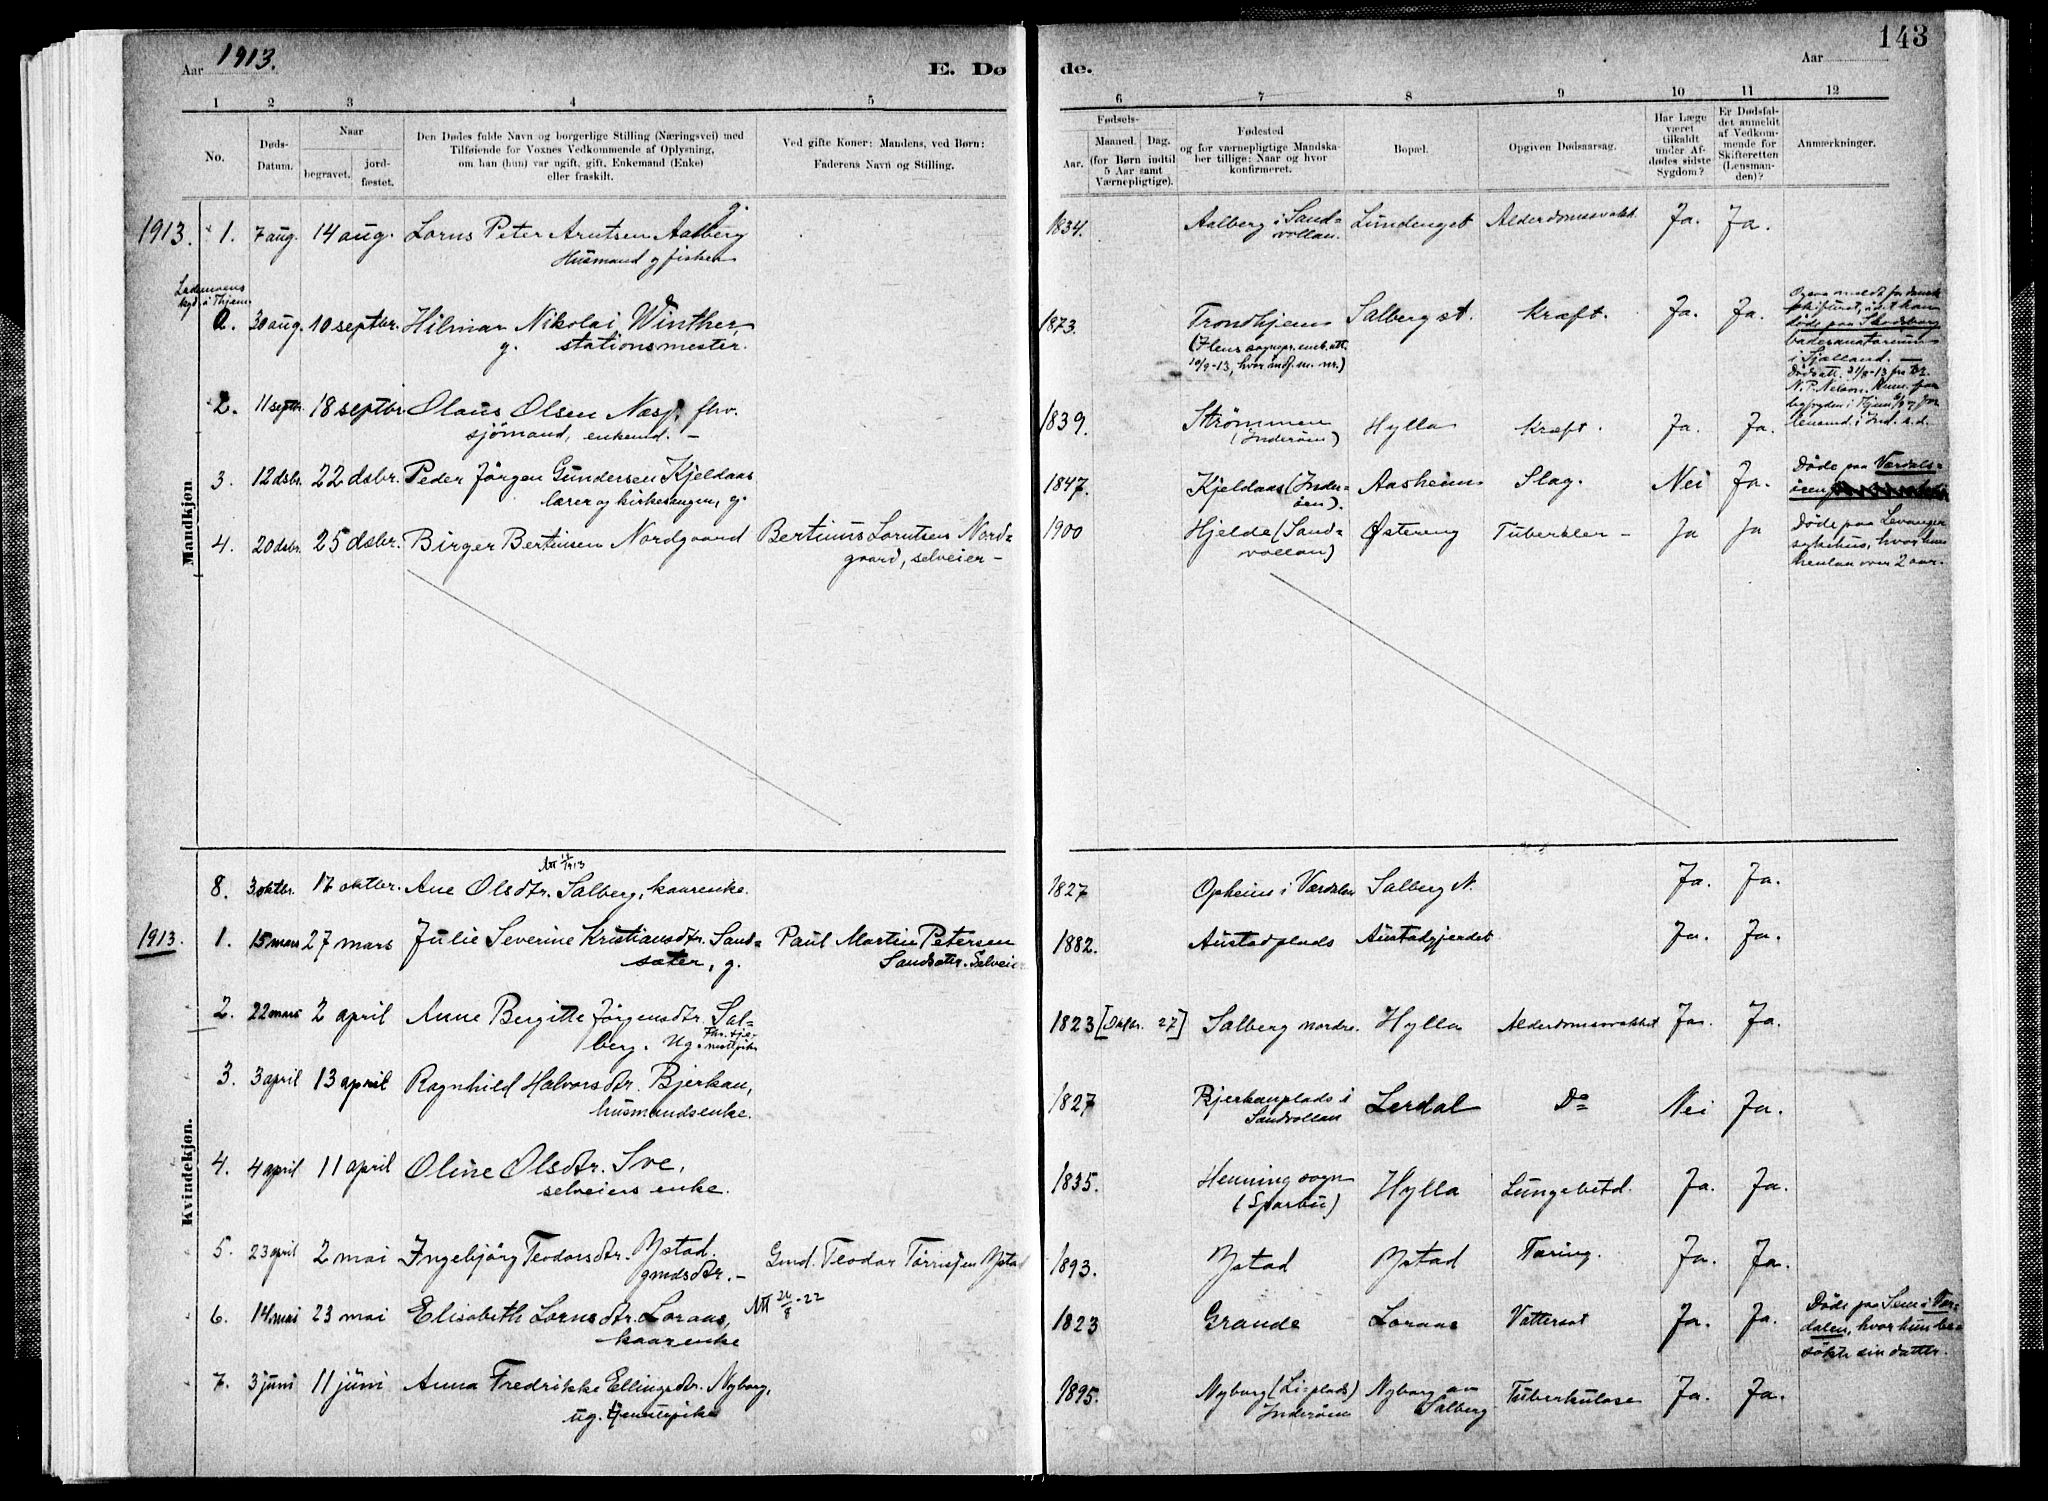 SAT, Ministerialprotokoller, klokkerbøker og fødselsregistre - Nord-Trøndelag, 731/L0309: Ministerialbok nr. 731A01, 1879-1918, s. 143